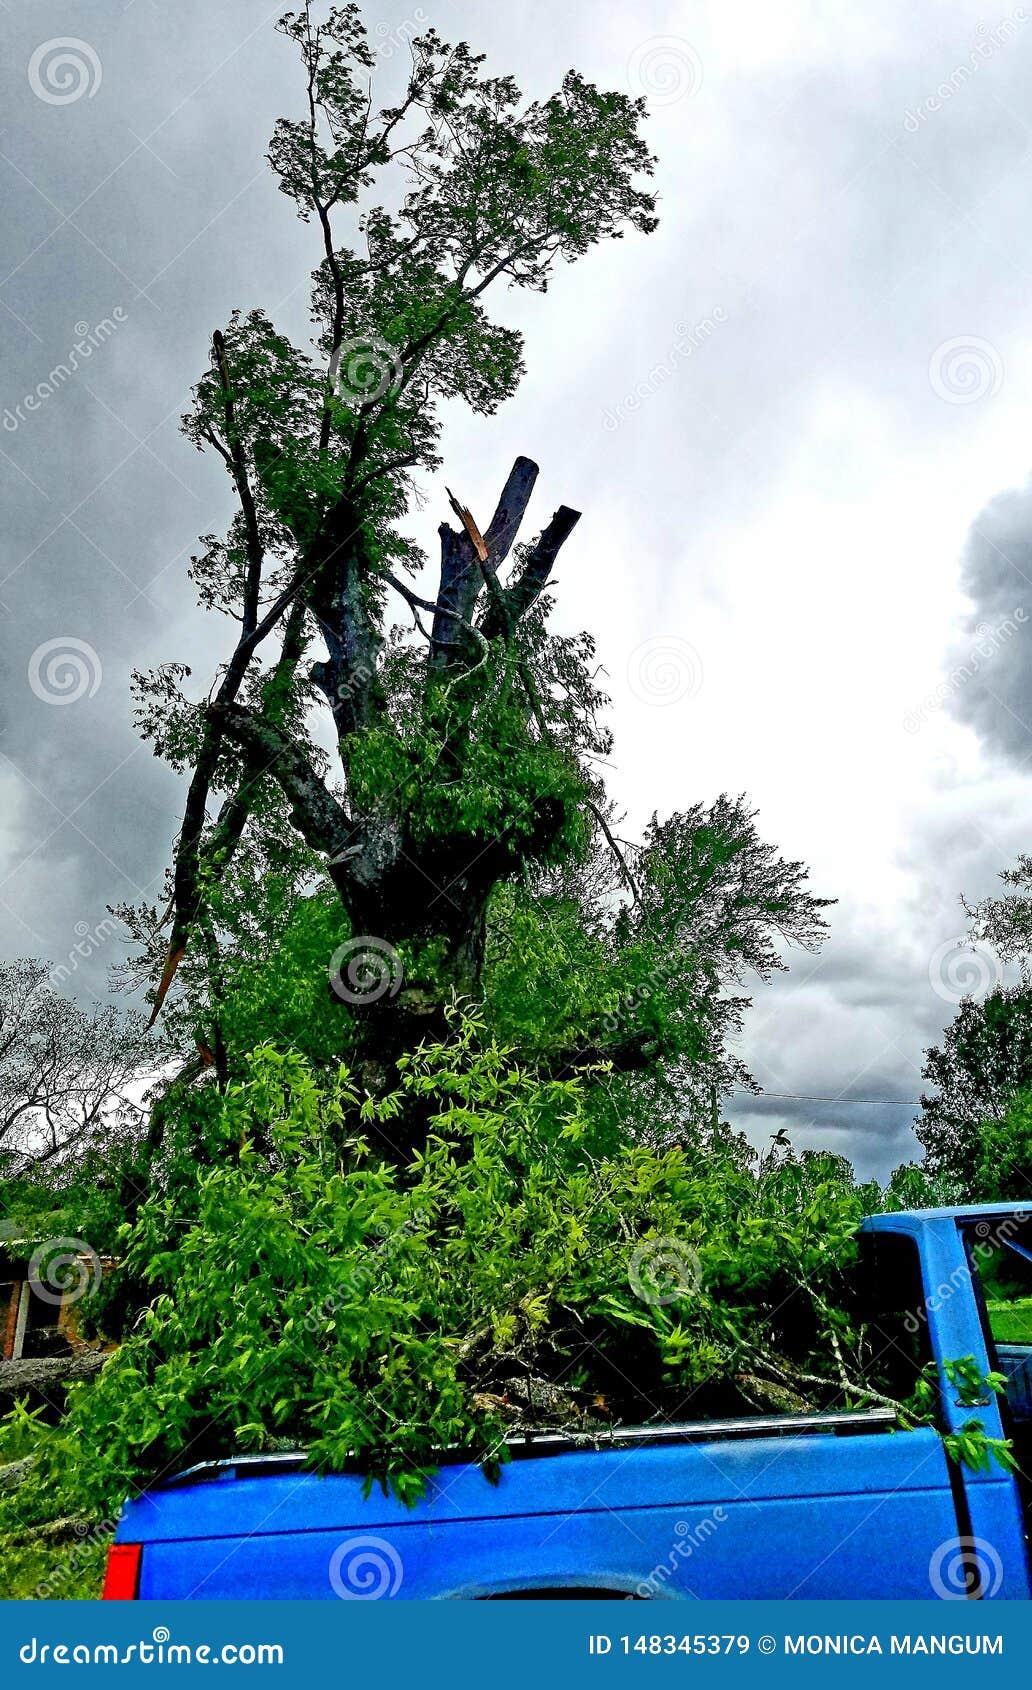 Nach Sturm? Kleinlaster-großer Baum